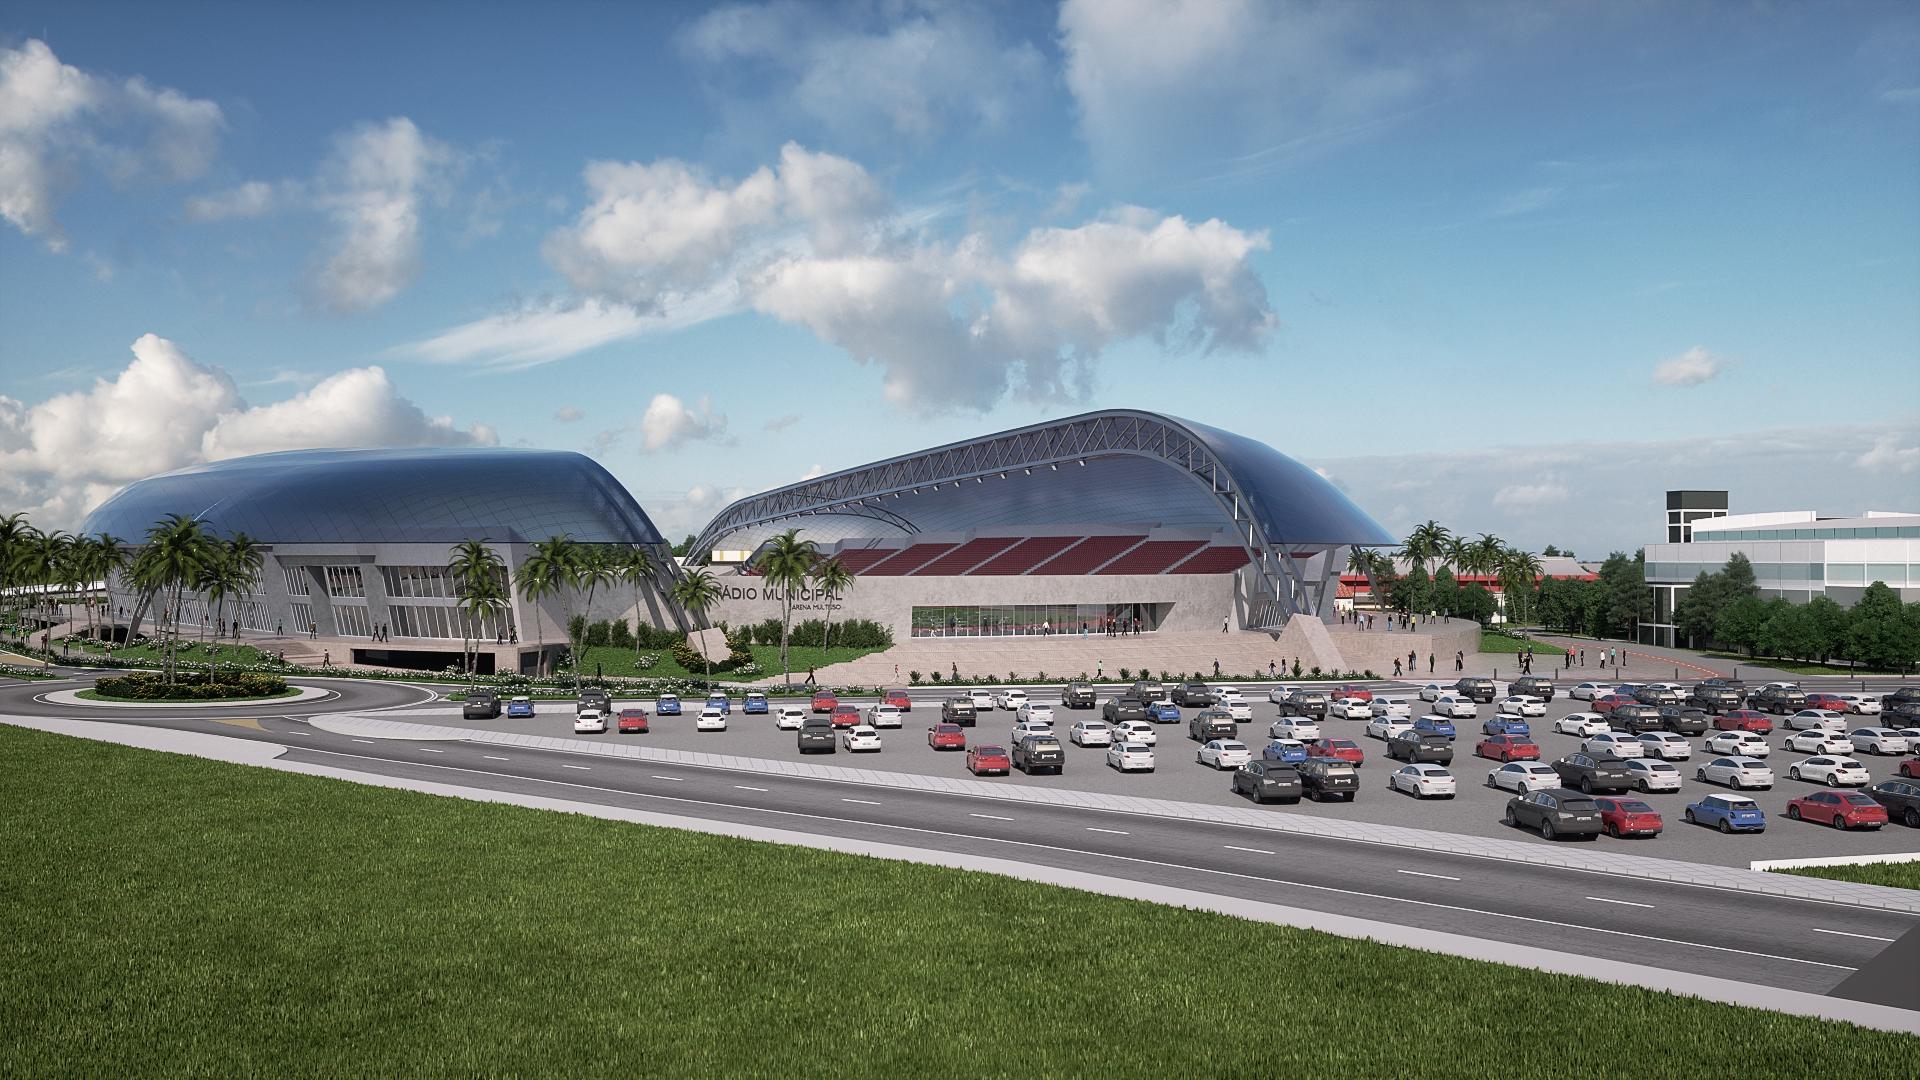 Estadio Municipal - Prefeitura SCS 02